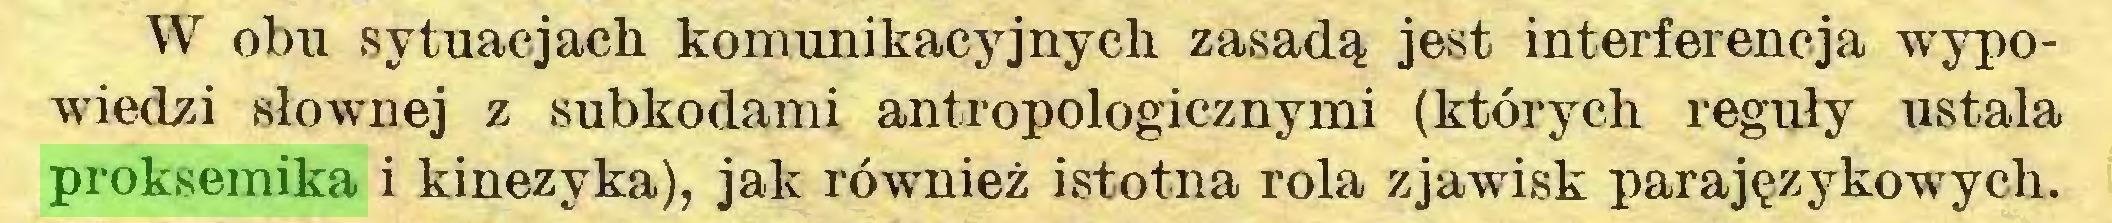 (...) W obu sytuacjach komunikacyjnych zasadą jest interferencja wypowiedzi słownej z subkodami antropologicznymi (których reguły ustala proksemika i kinezyka), jak również istotna rola zjawisk parajęzykowych...